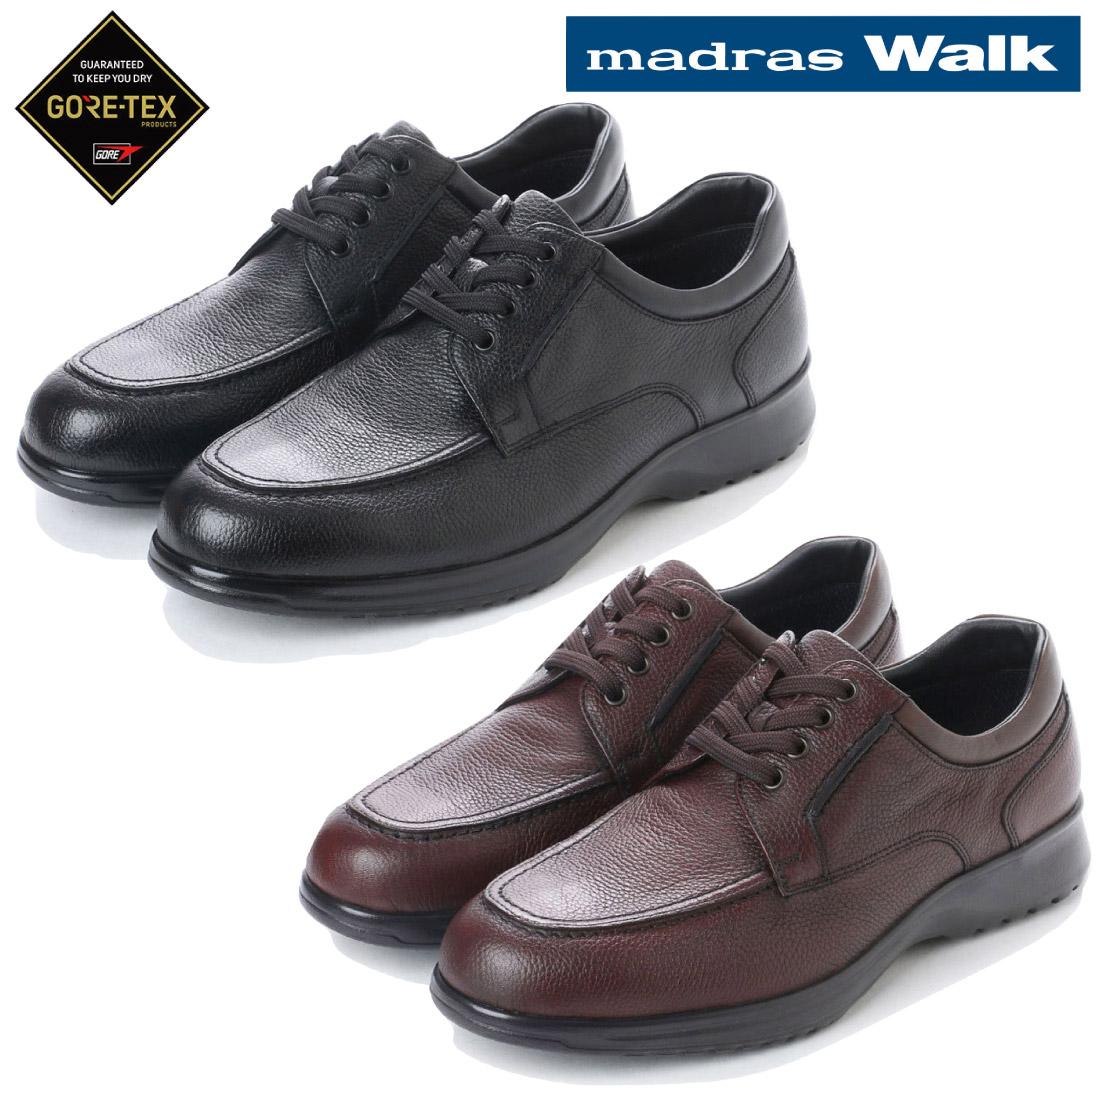 madras Walk マドラス ウォーキング カジュアル シューズ ゴアテックス MW8008 防水 【nesh】 【新品】